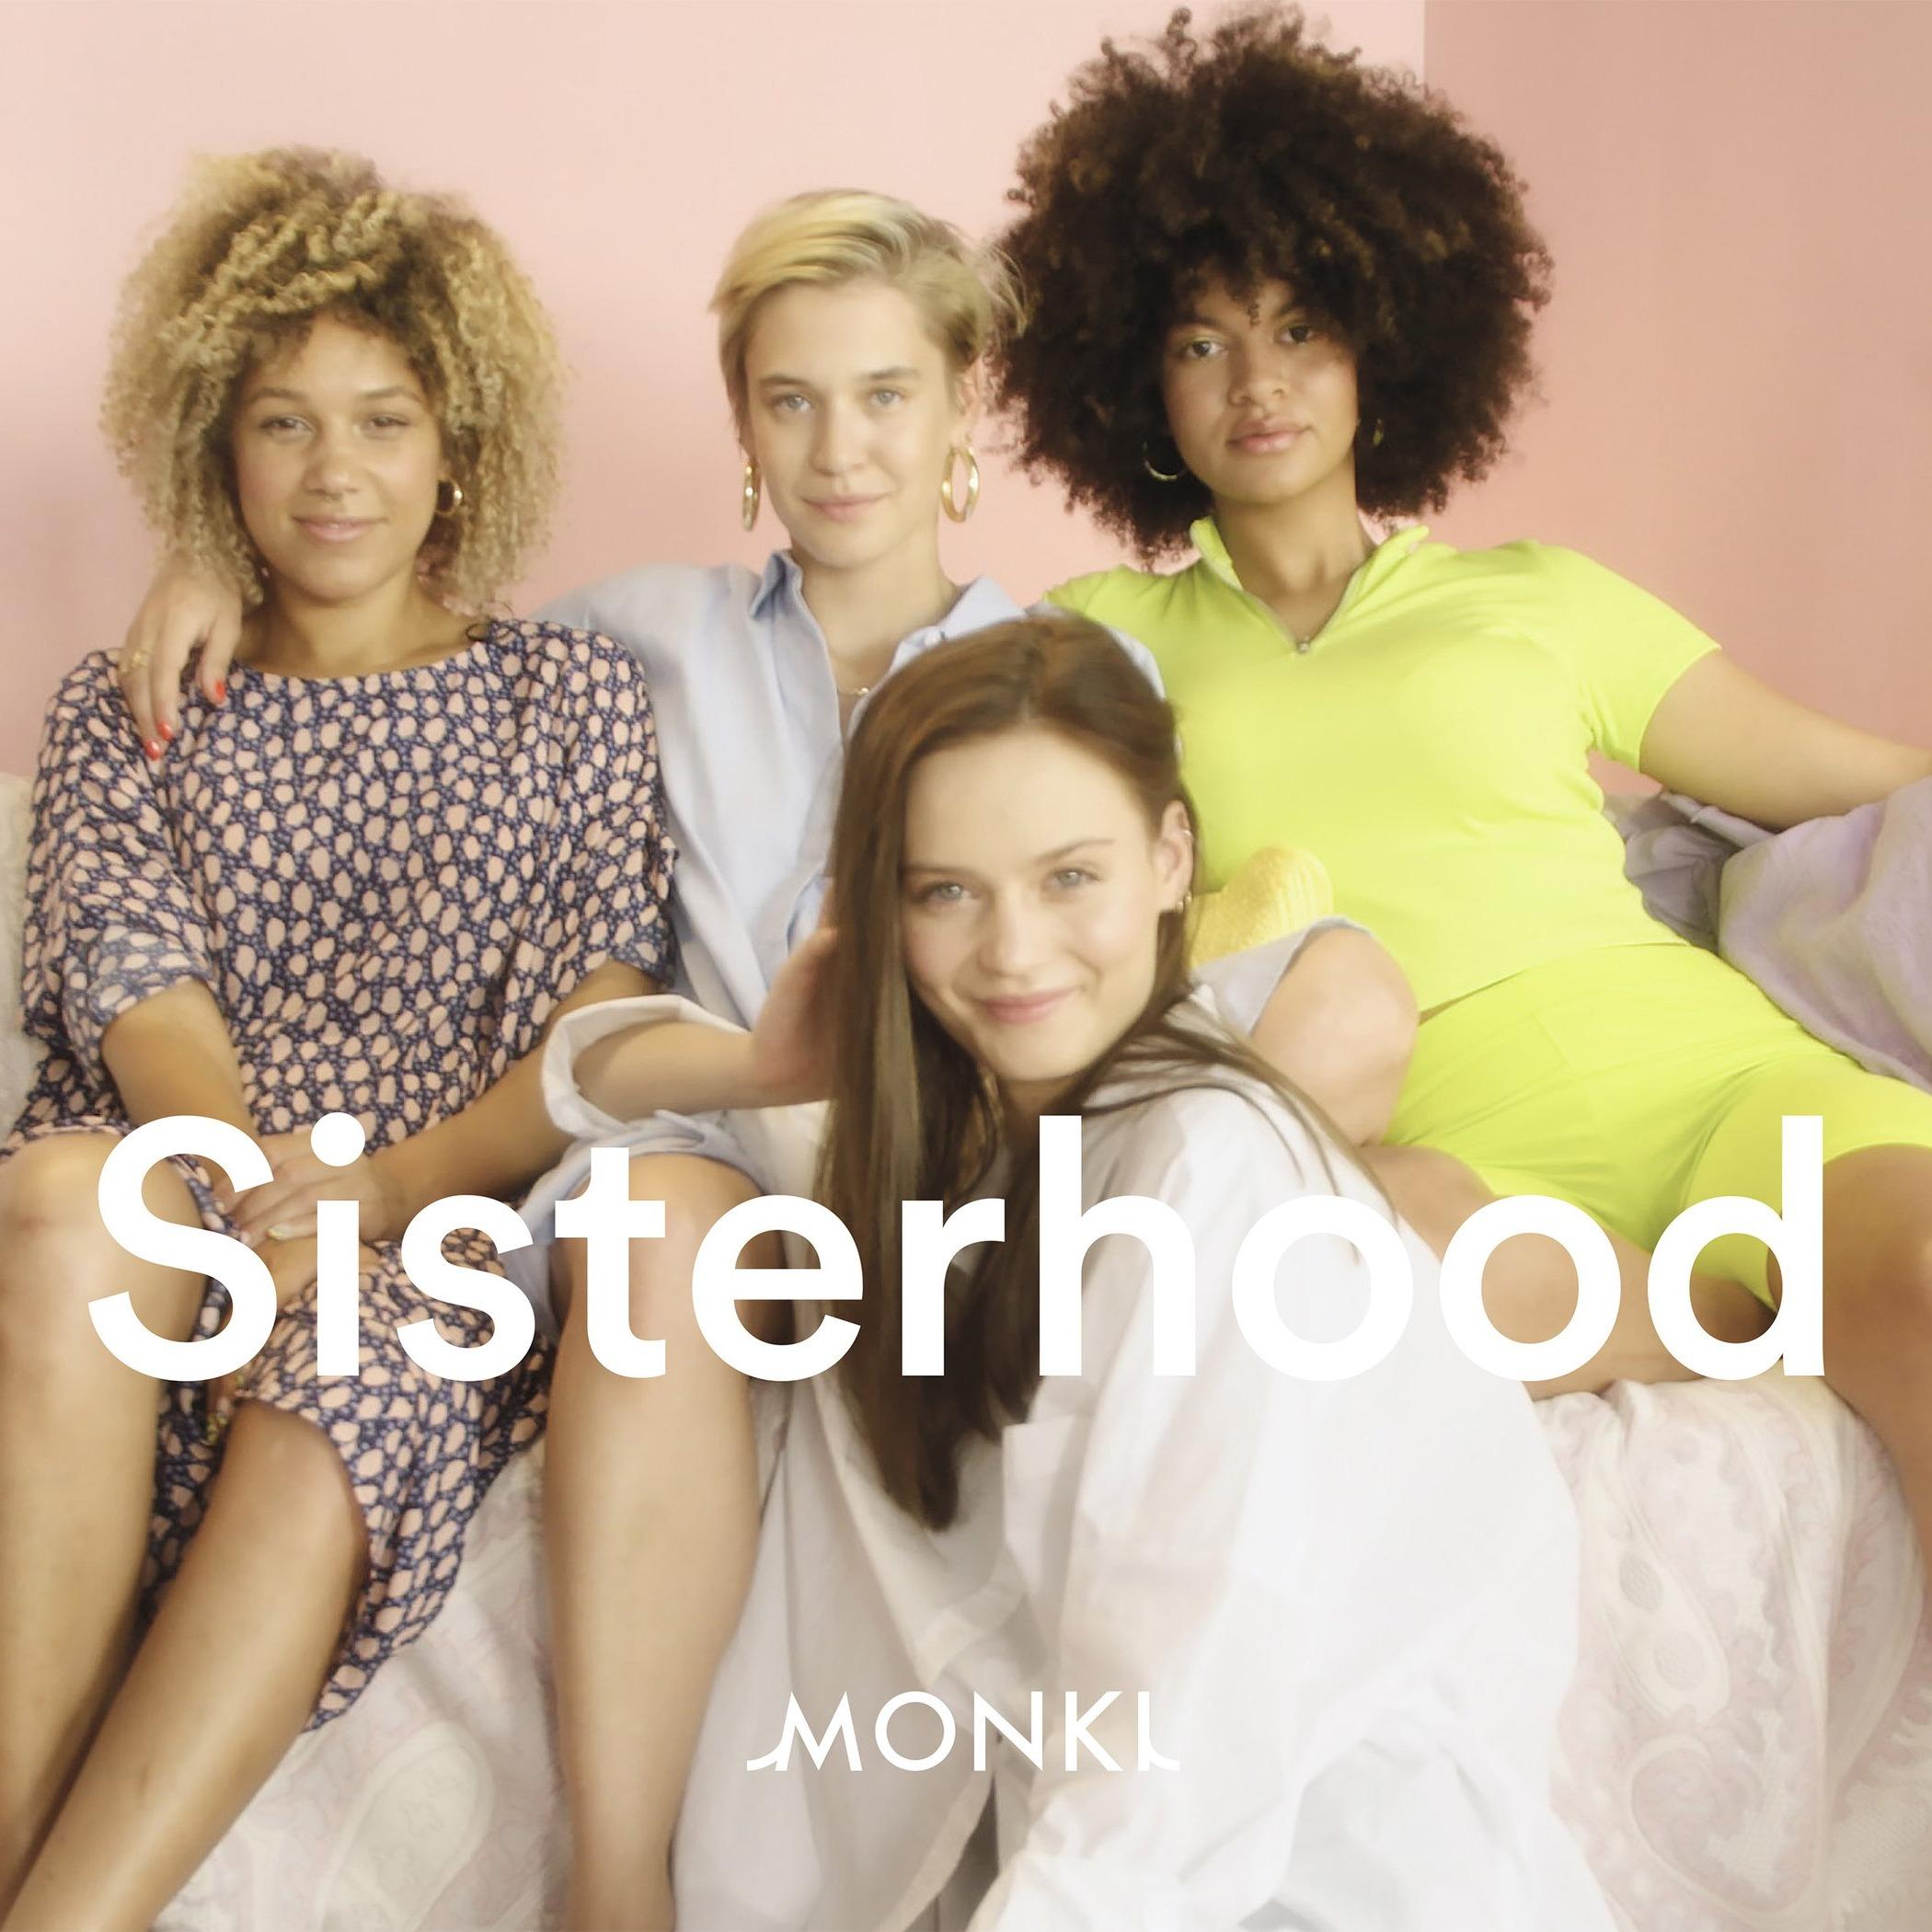 Siła sióstr, kreatywność i wyrażanie siebie - spot na otwarcie sklepu Monki